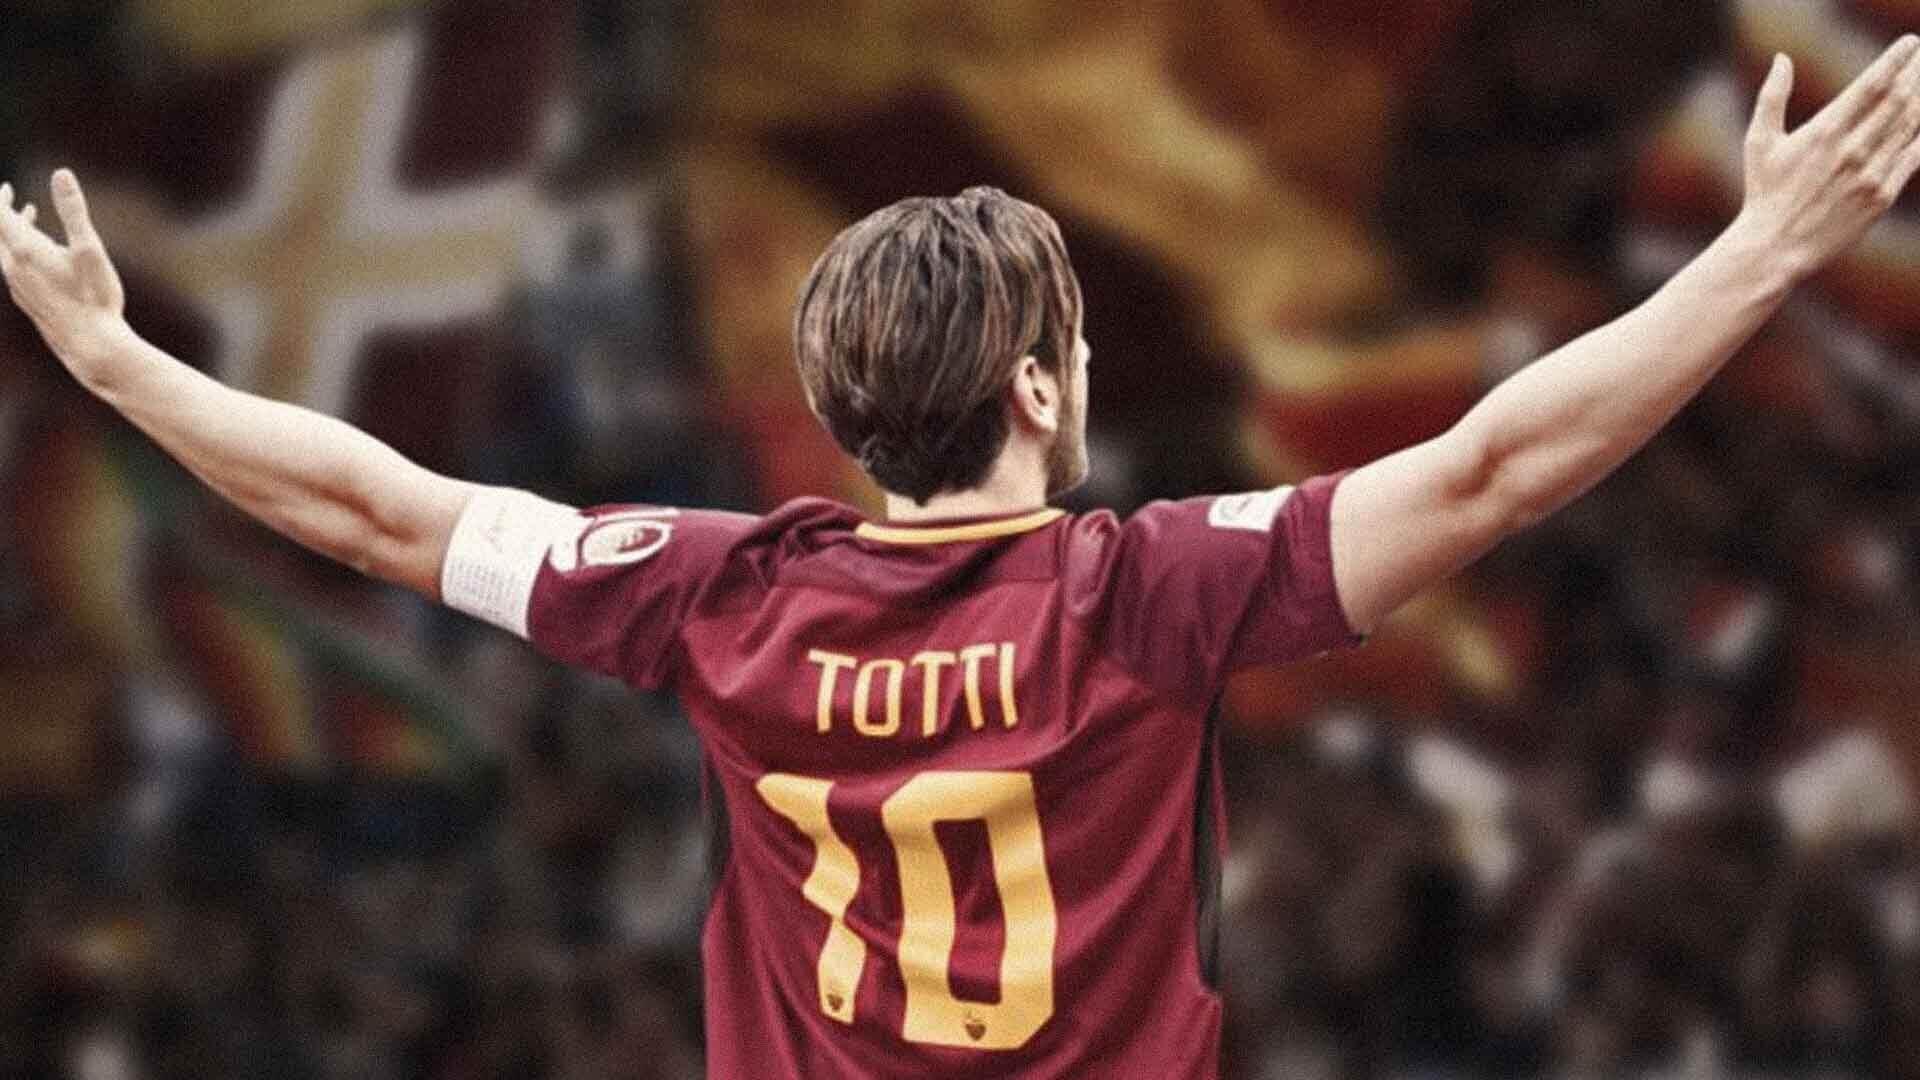 Meglio guardare una serie tv su Totti che le partite italiane con gli stadi vuoti